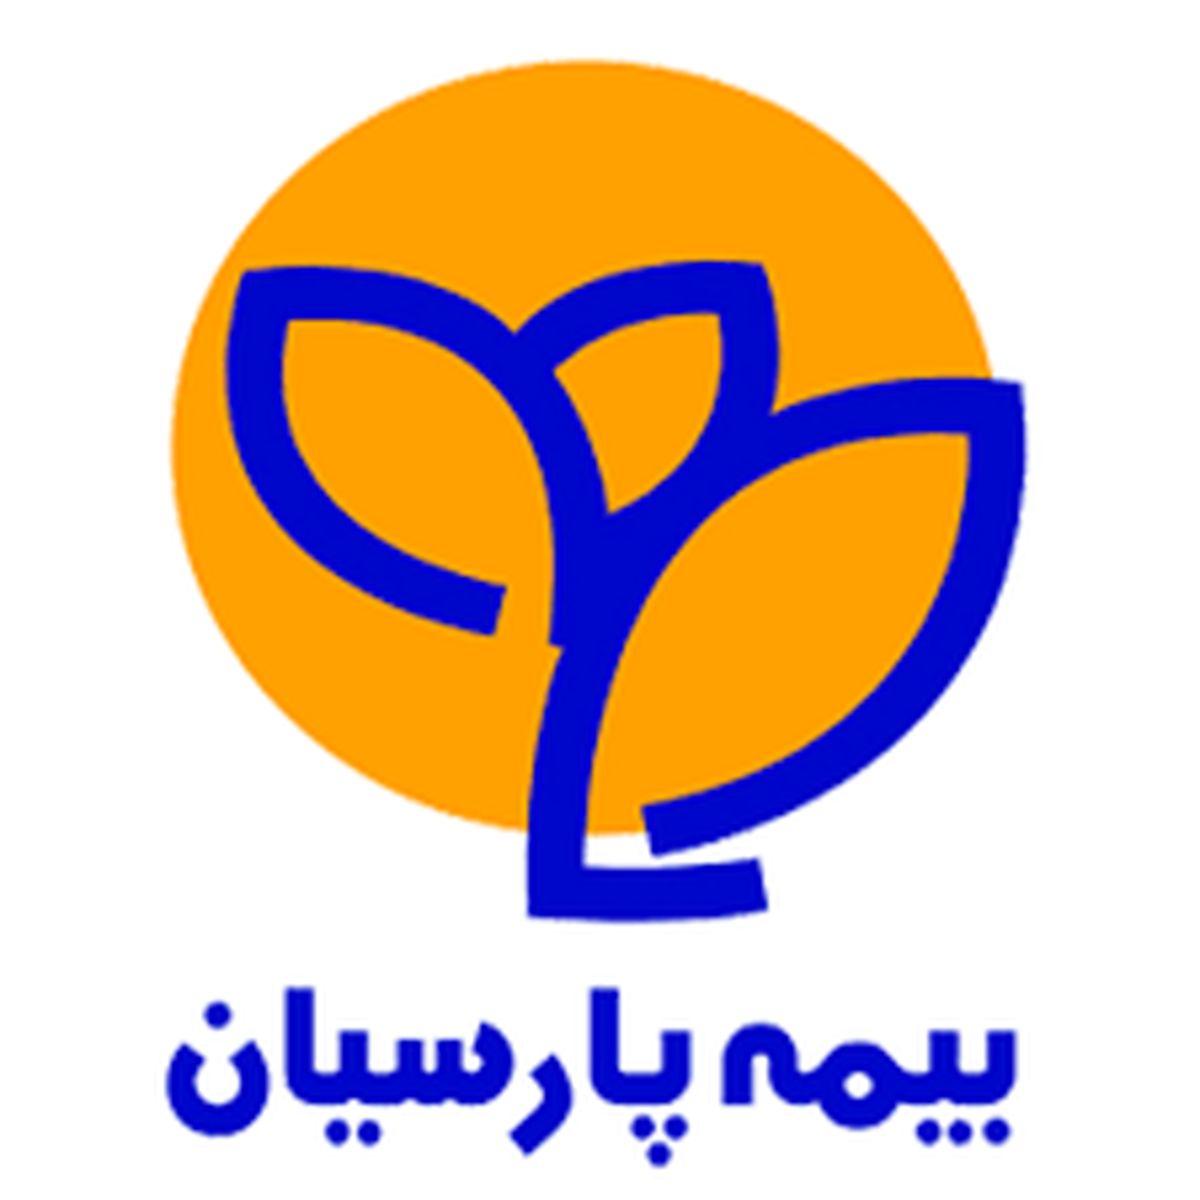 بیمه پارسیان 250 ریال سود به ازای هرسهم تقسیم کرد